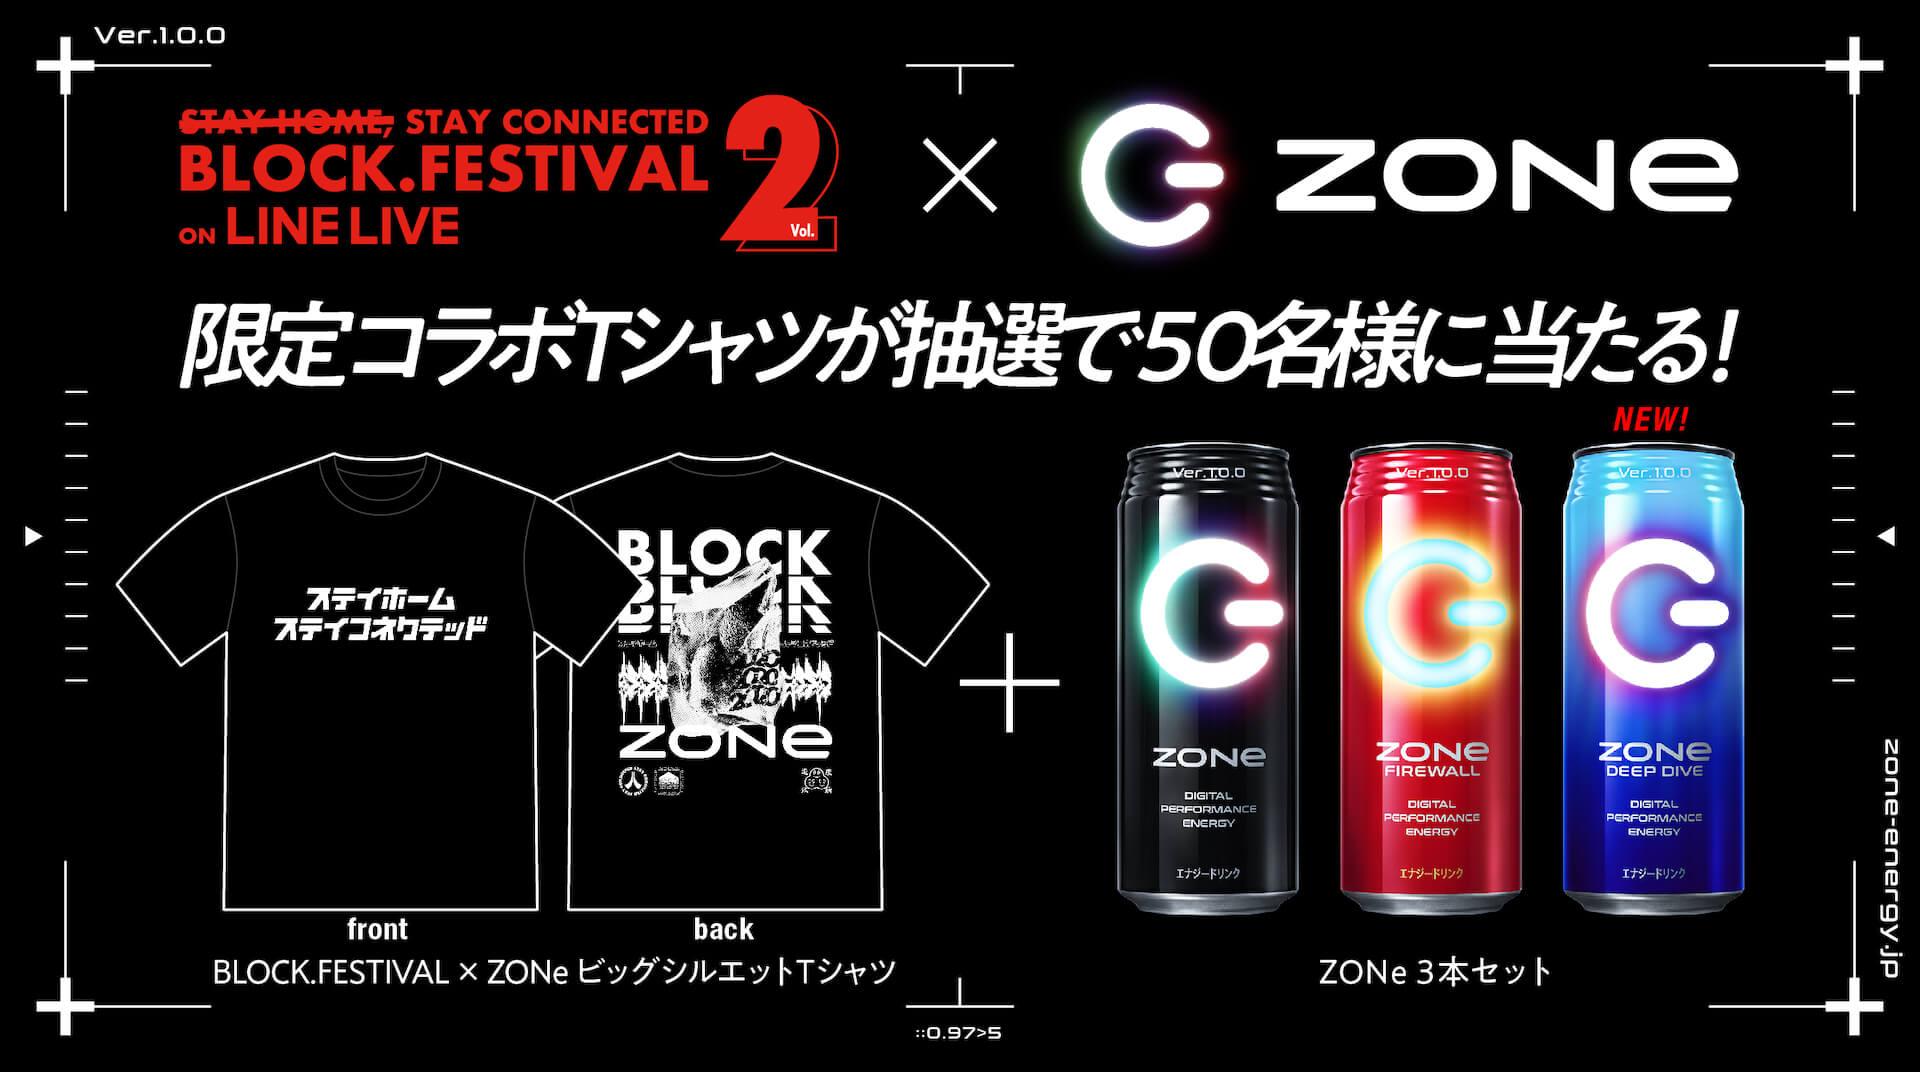 オンラインフェス<BLOCK.FESTIVAL Vol.2>にSHINICHI OSAWA、スチャダラパーらが追加&タイムスケジュールも公開!当日はリアル花火など特別企画も music2020729_blockfes4